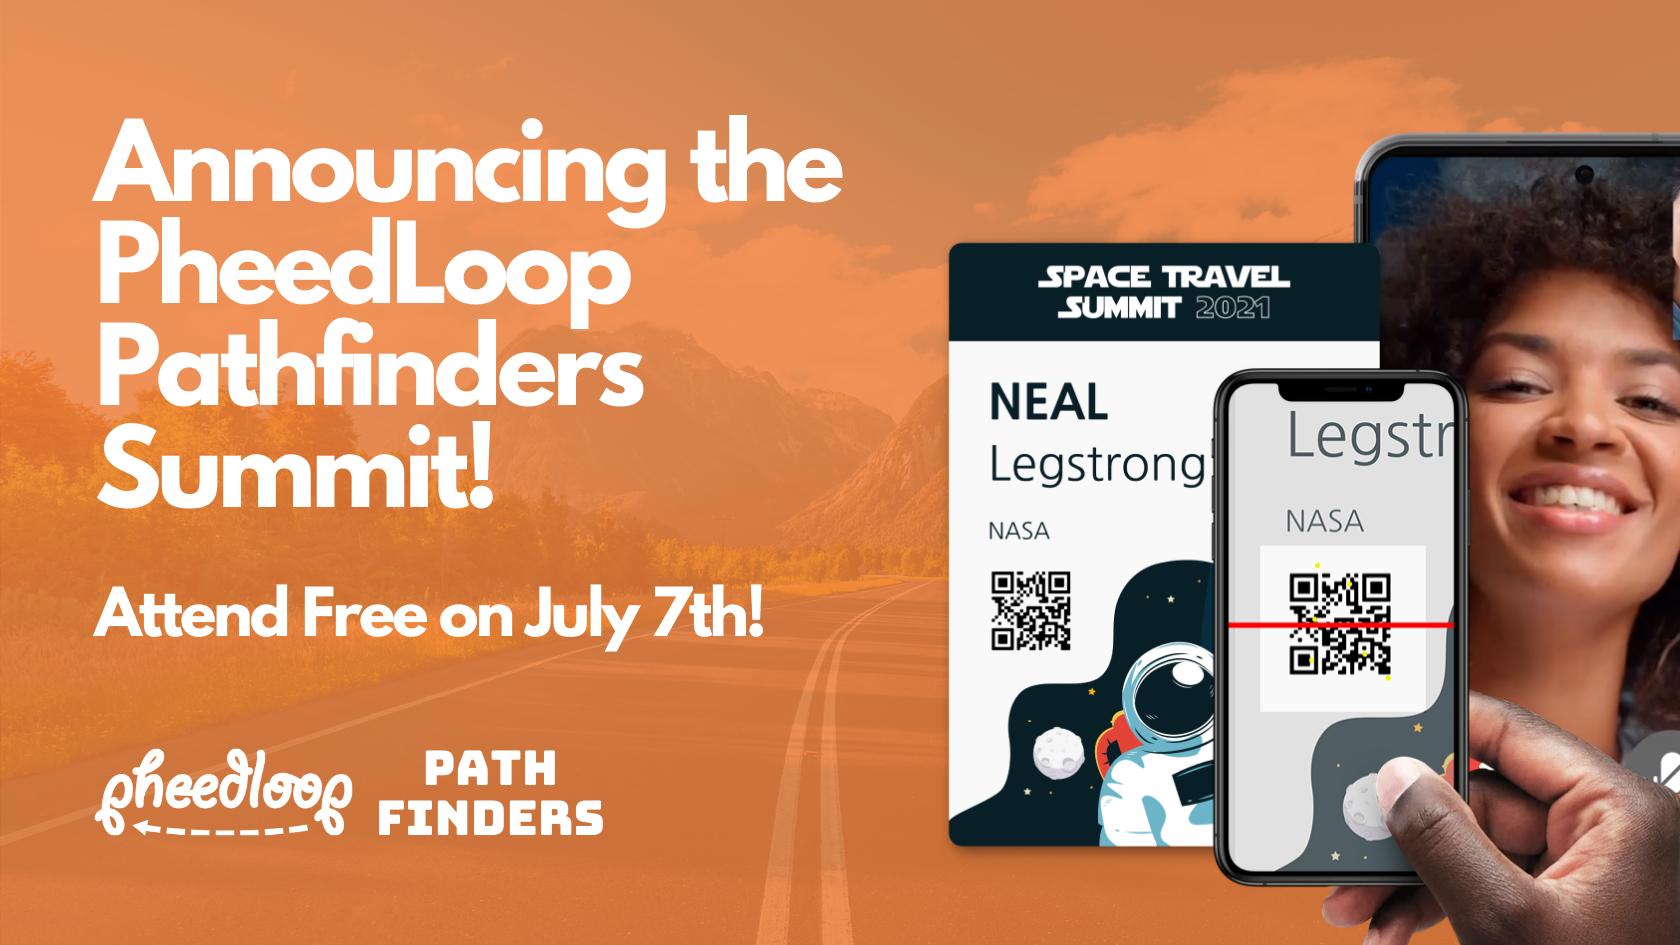 Attend a Free PheedLoop Powered Event - PheedLoop Pathfinders Summit!